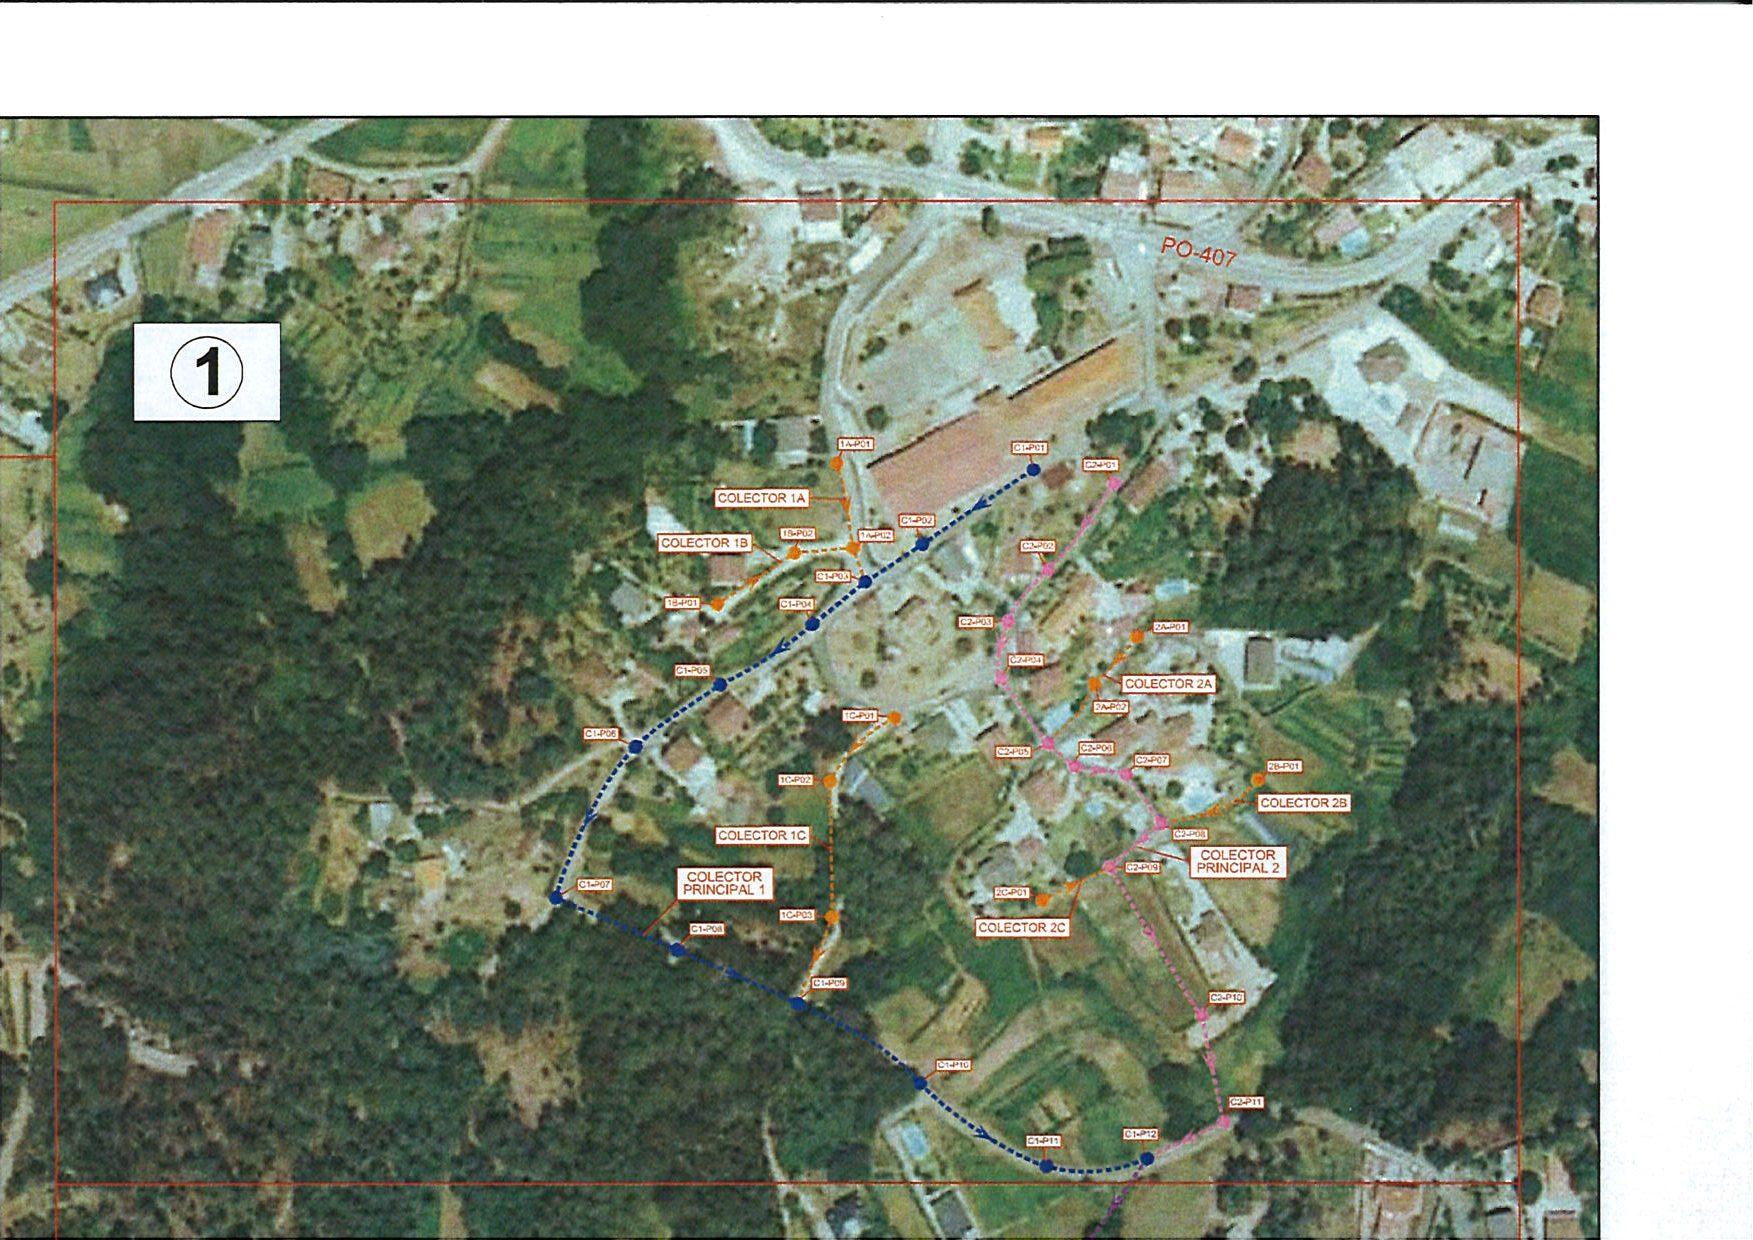 O Concello licita o proxecto de saneamento no núcleo rural do Picouzo (Budiño)